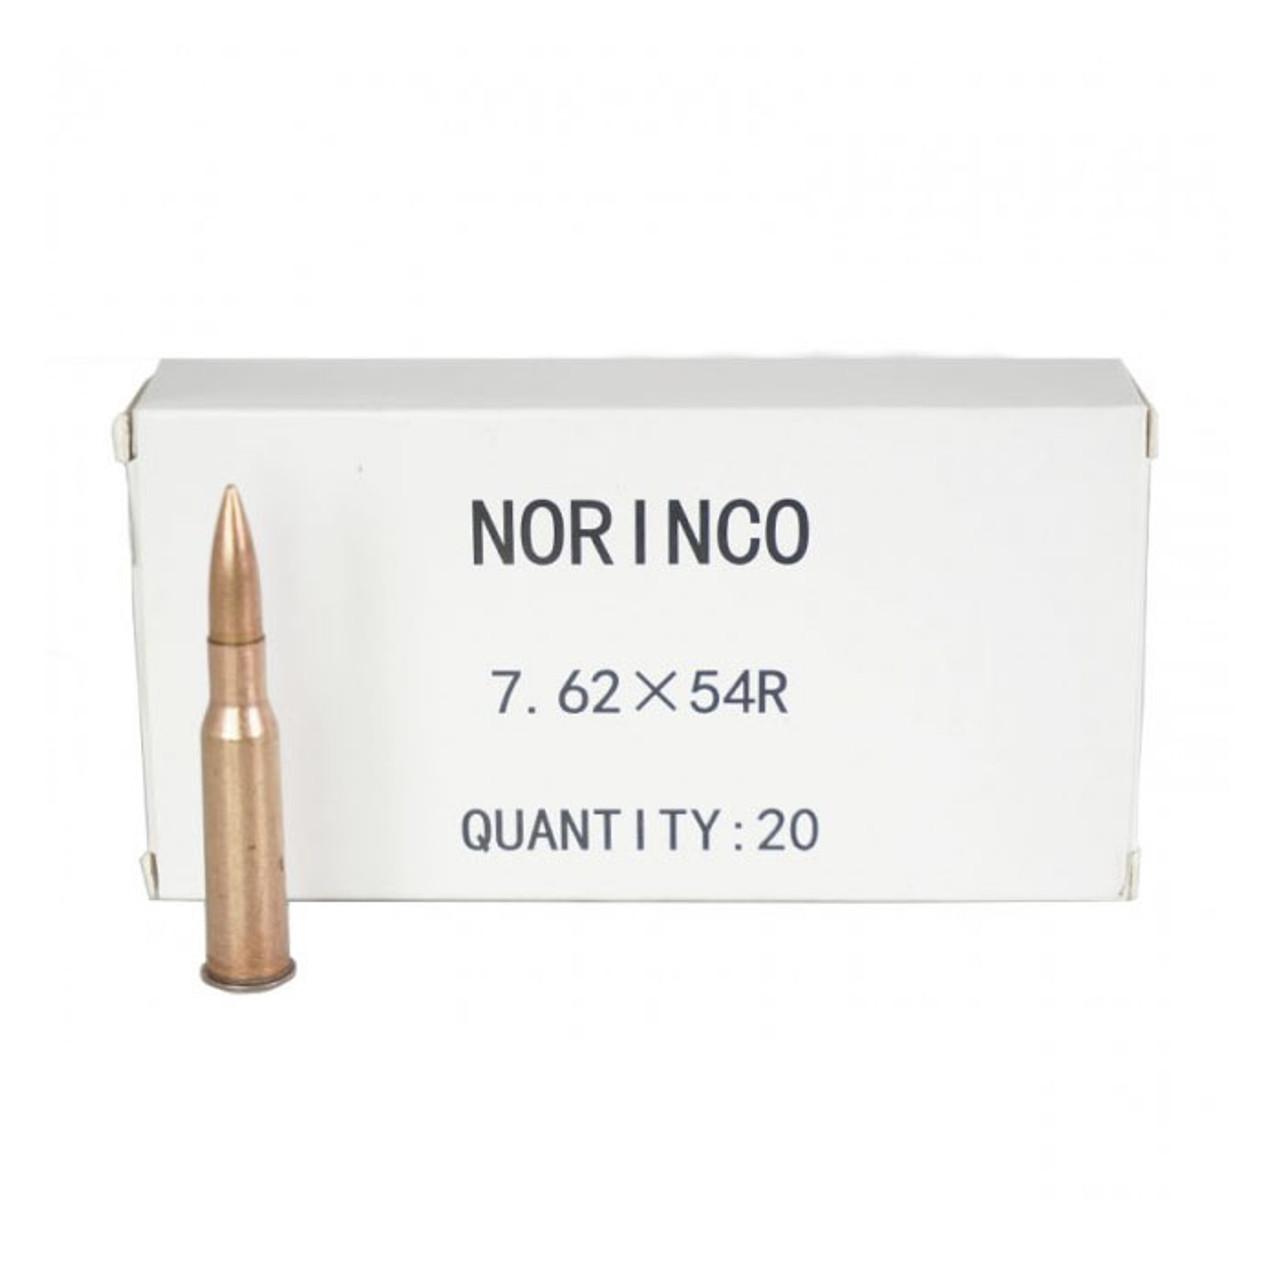 Norinco 7.62 x 54r 260 Rounds